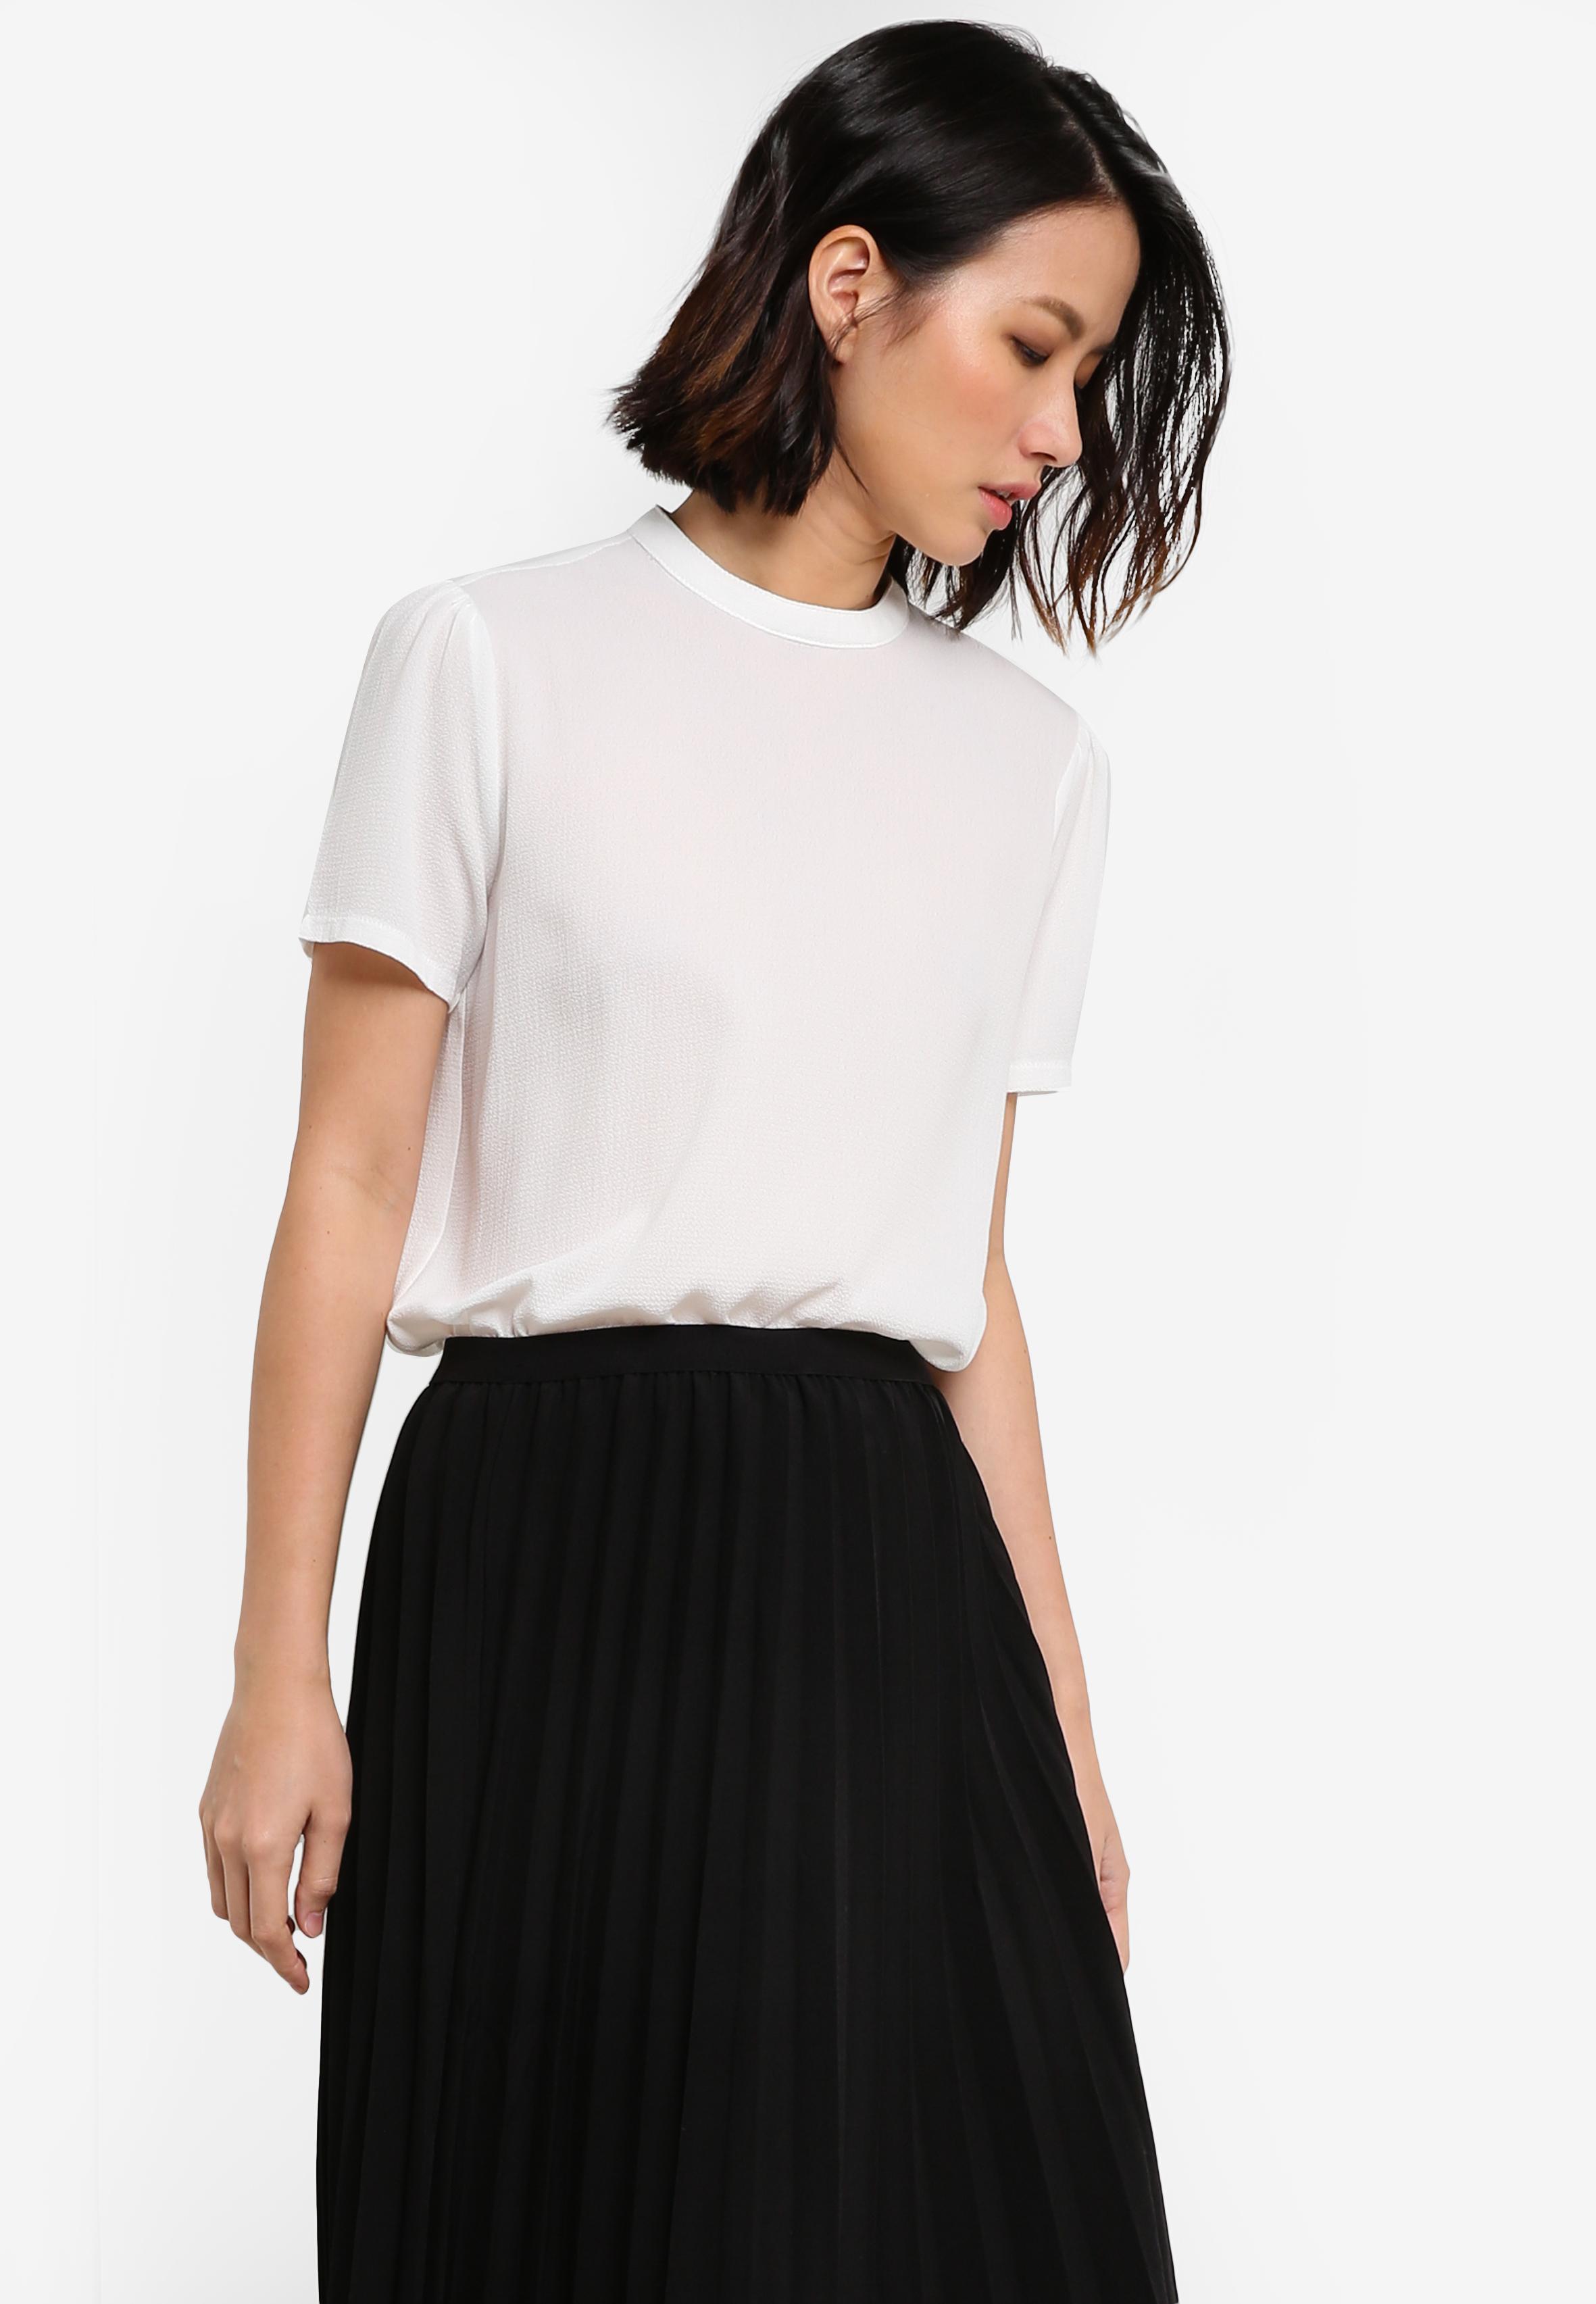 43fb7799c7 Shoppr UK - Fashion   Beauty Search   Shopping For Women